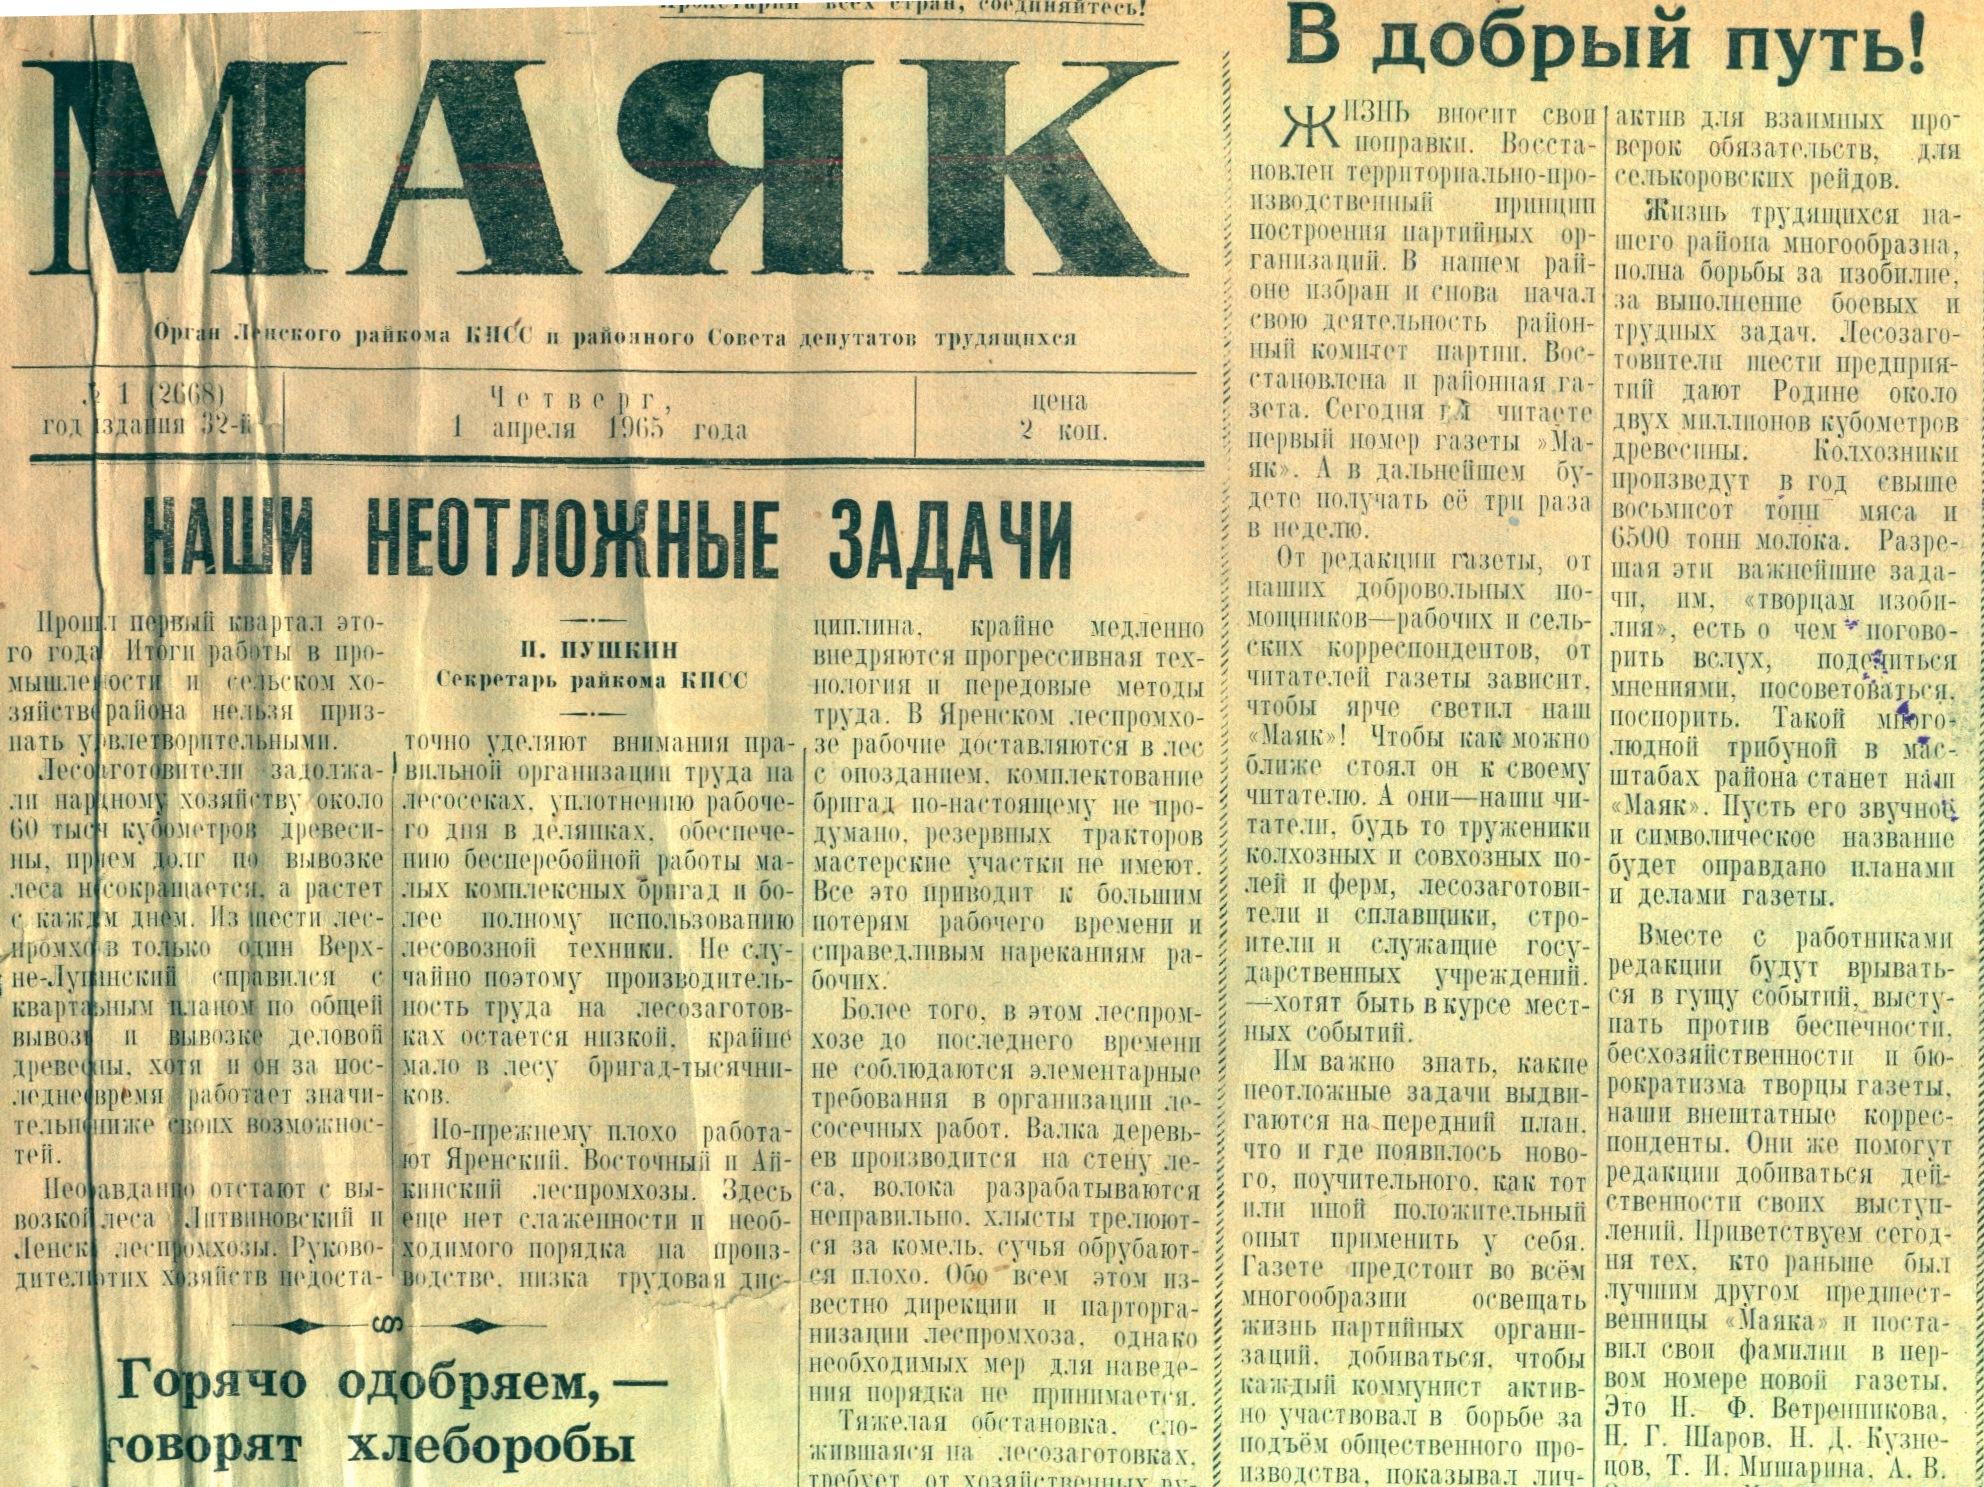 Первый номер газеты Маяк. 01.04.1965 (1) — копия